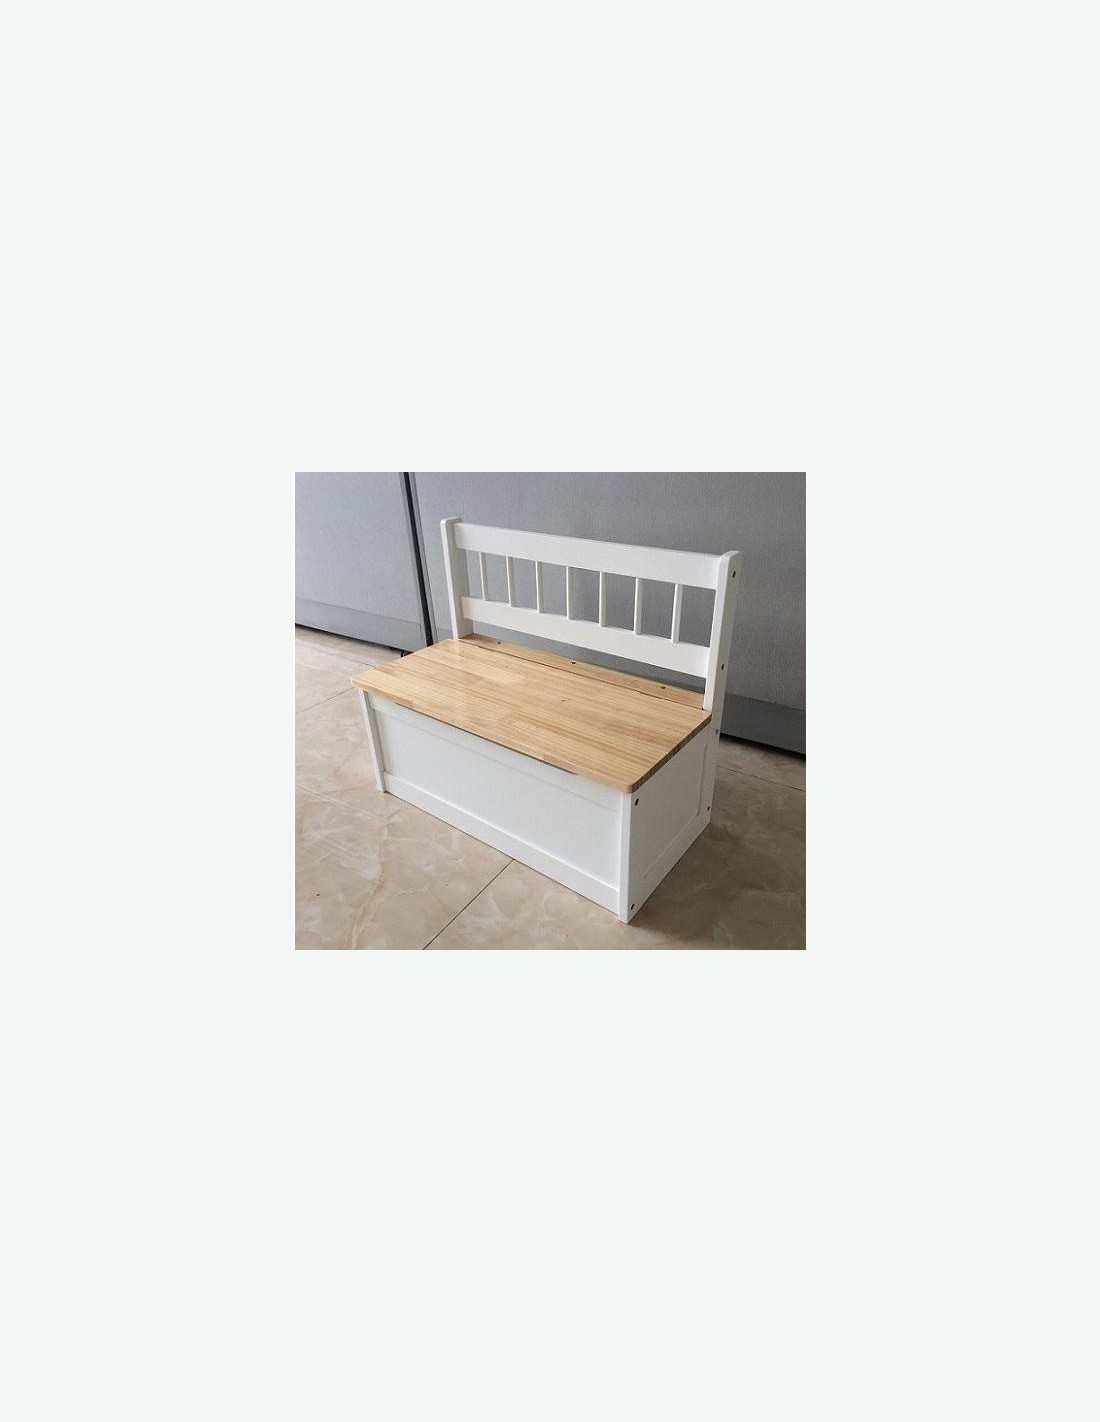 Tavoli Pieghevoli Da Muro.Tavoli Pieghevoli Da Muro Amazing Tavolo Pieghevole Bianco Cm X Cm